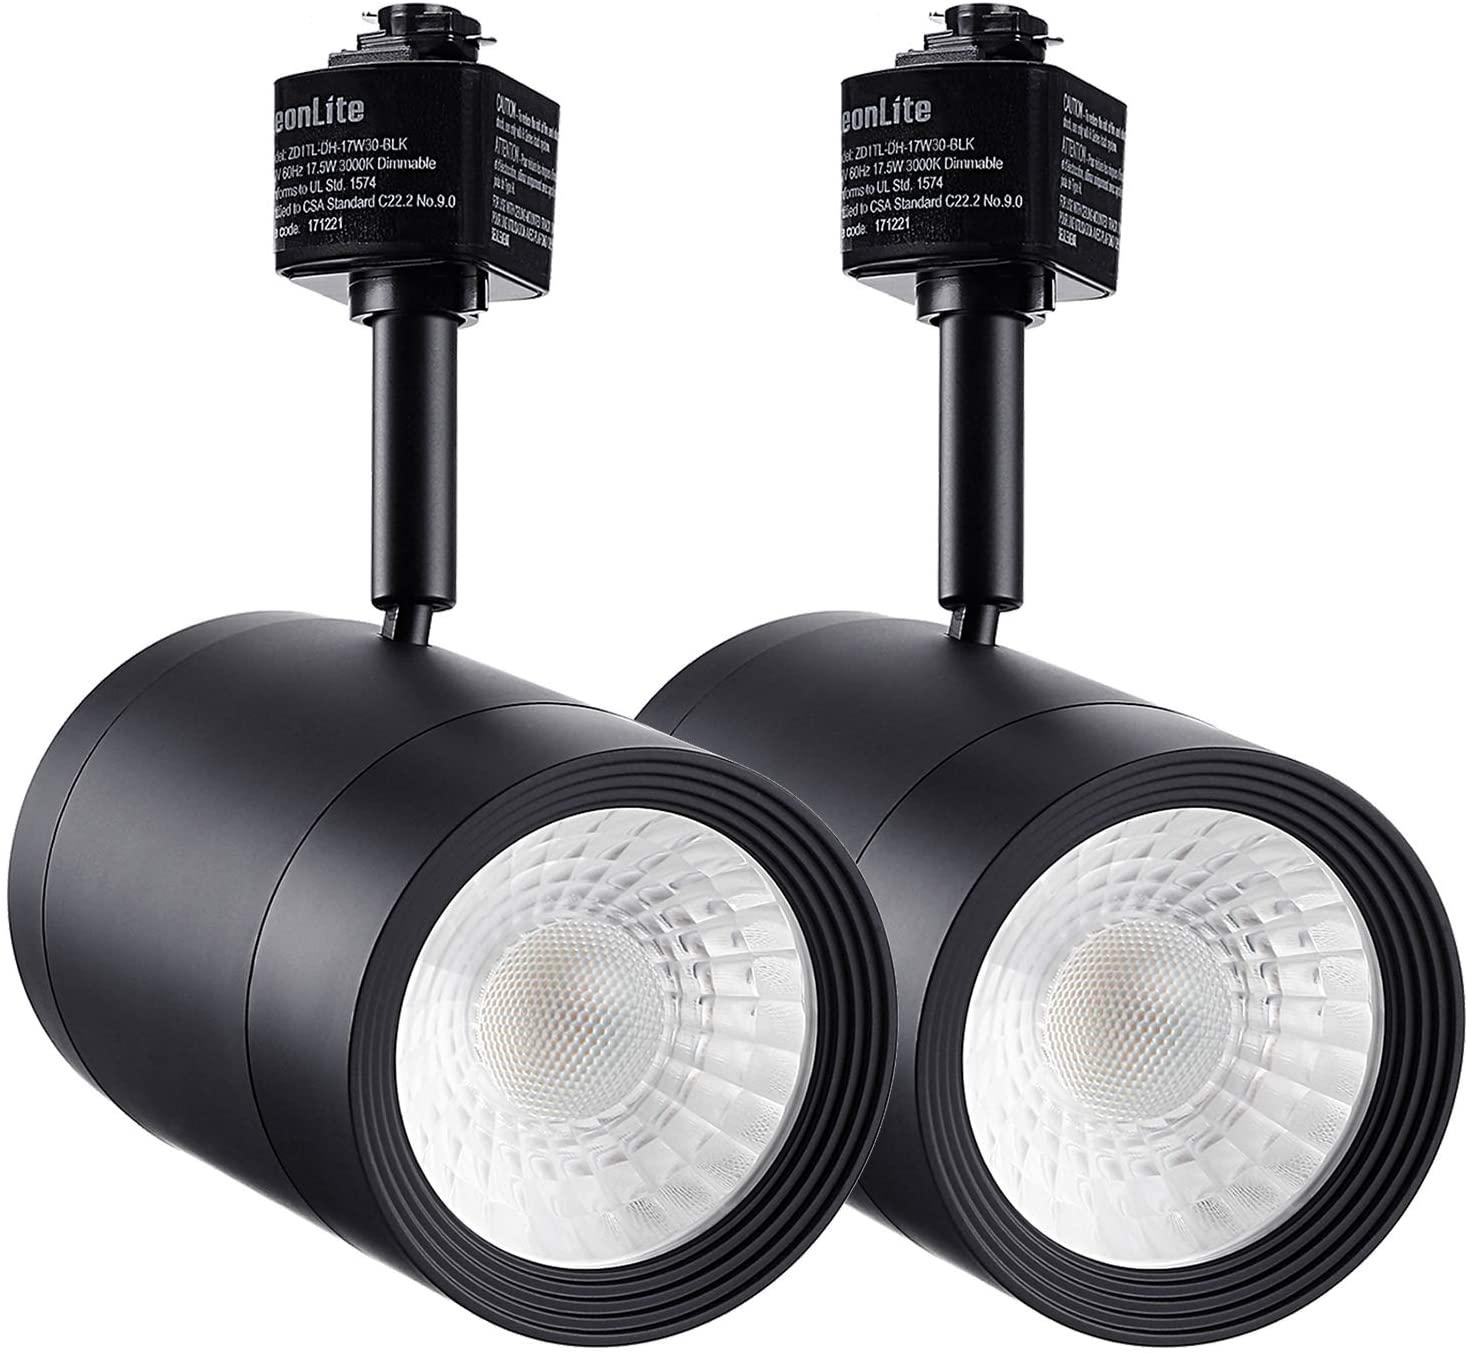 LEONLITE LED Track Light Heads, Dimmable 17.5W(85W Eqv.) Spotlight, 38° Beam Angel, CRI90+, 3000K Warm White, ETL & Energy Star Listed Accent Lighting for Art, Black, Pack of 2